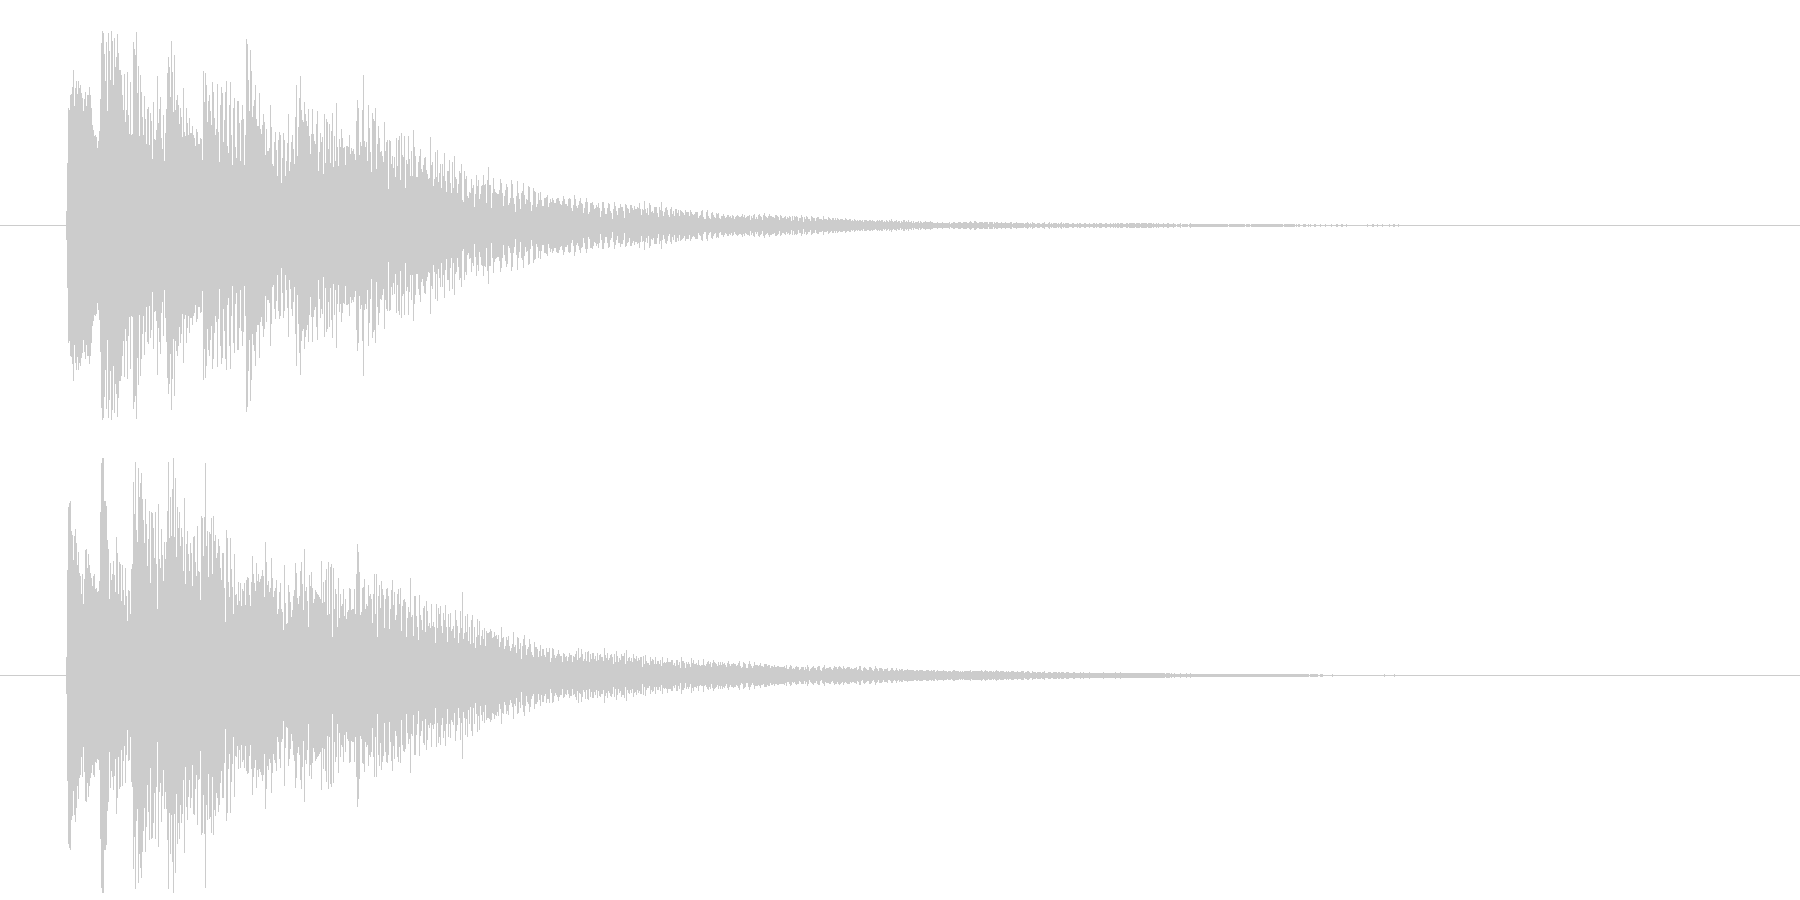 回想や夢の中から現実に戻る音 ポロロンの未再生の波形